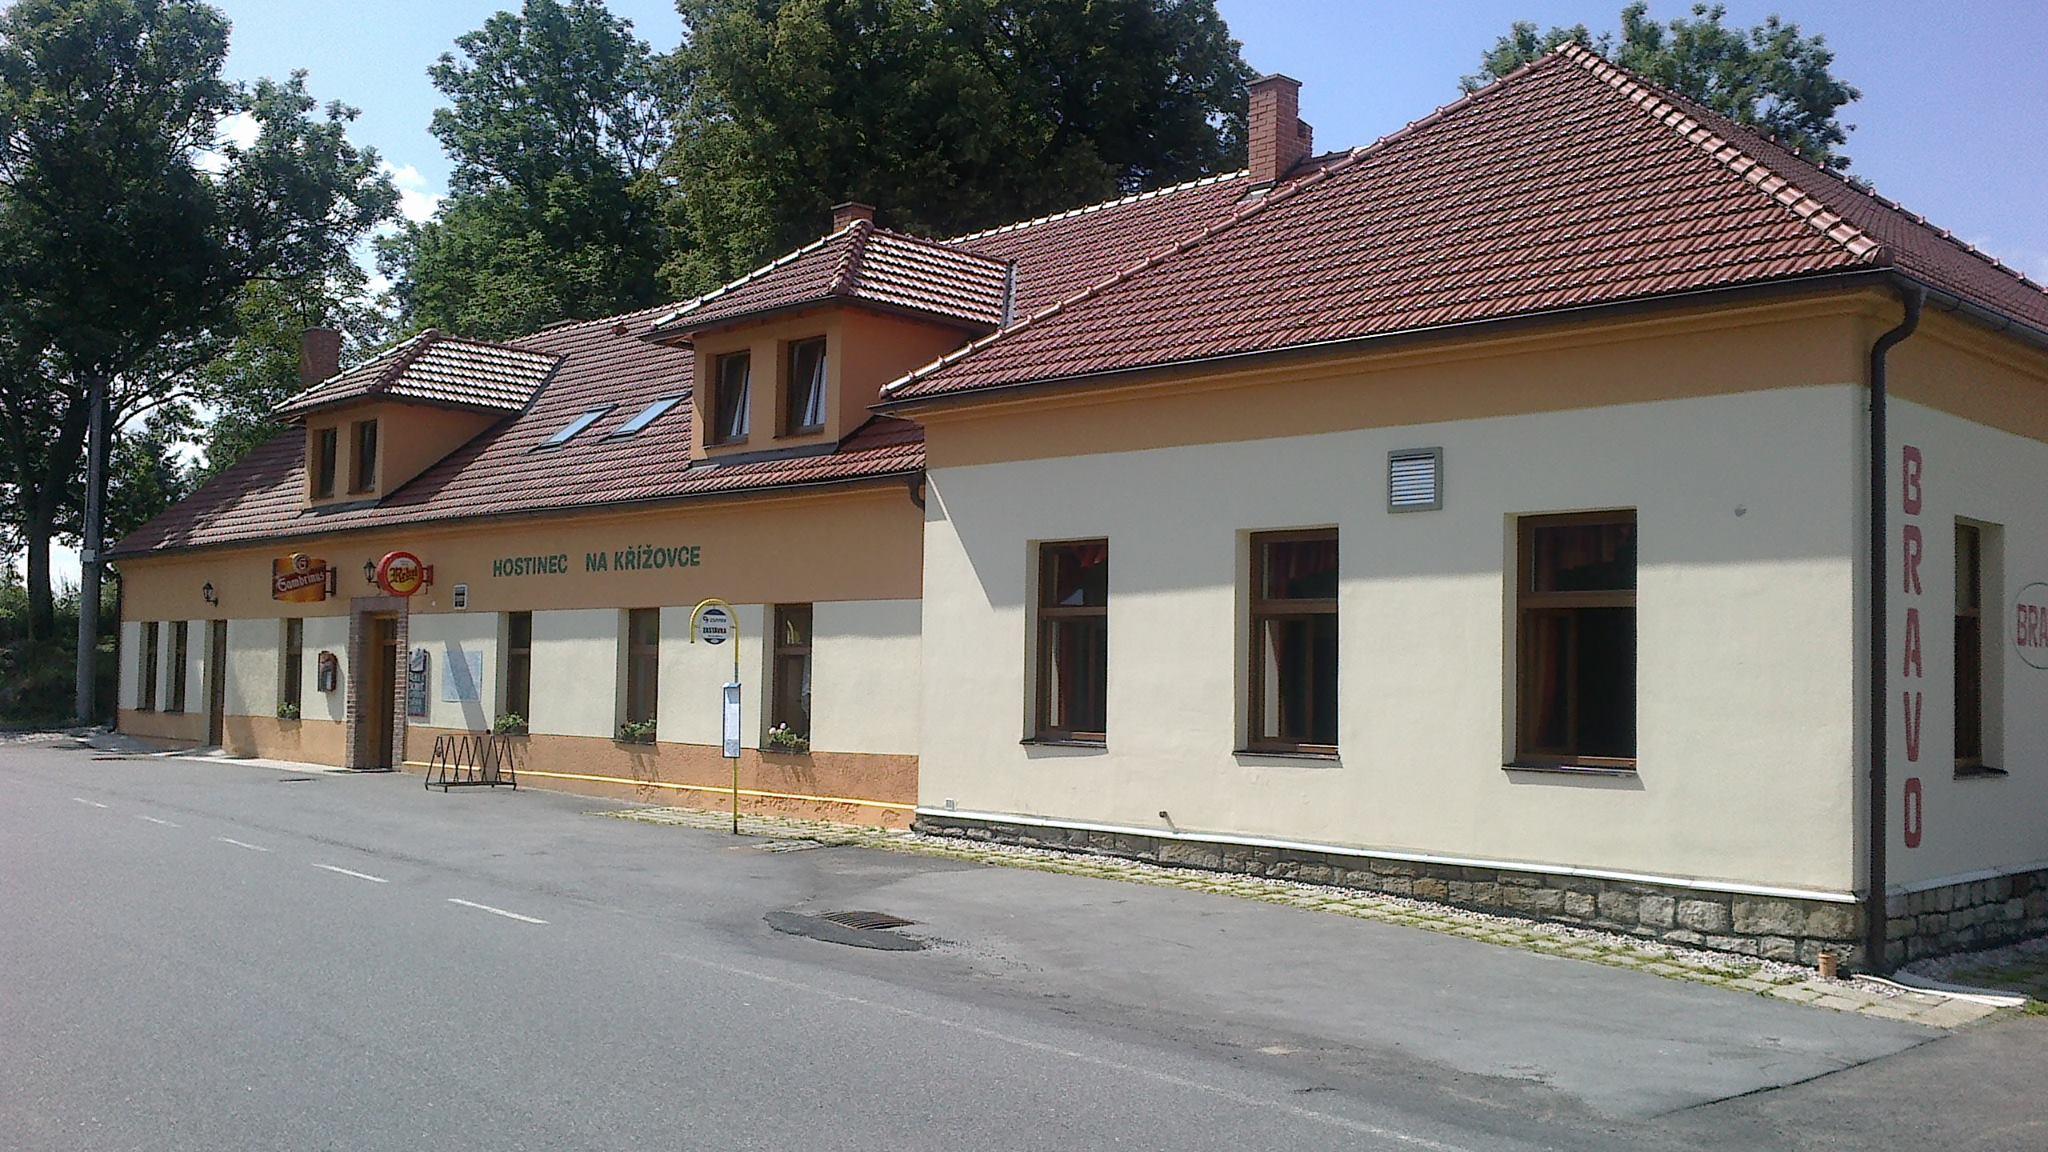 Rodinný penzion s restaurací, příjemné ubytování v Železných Horách na samotě u lesa